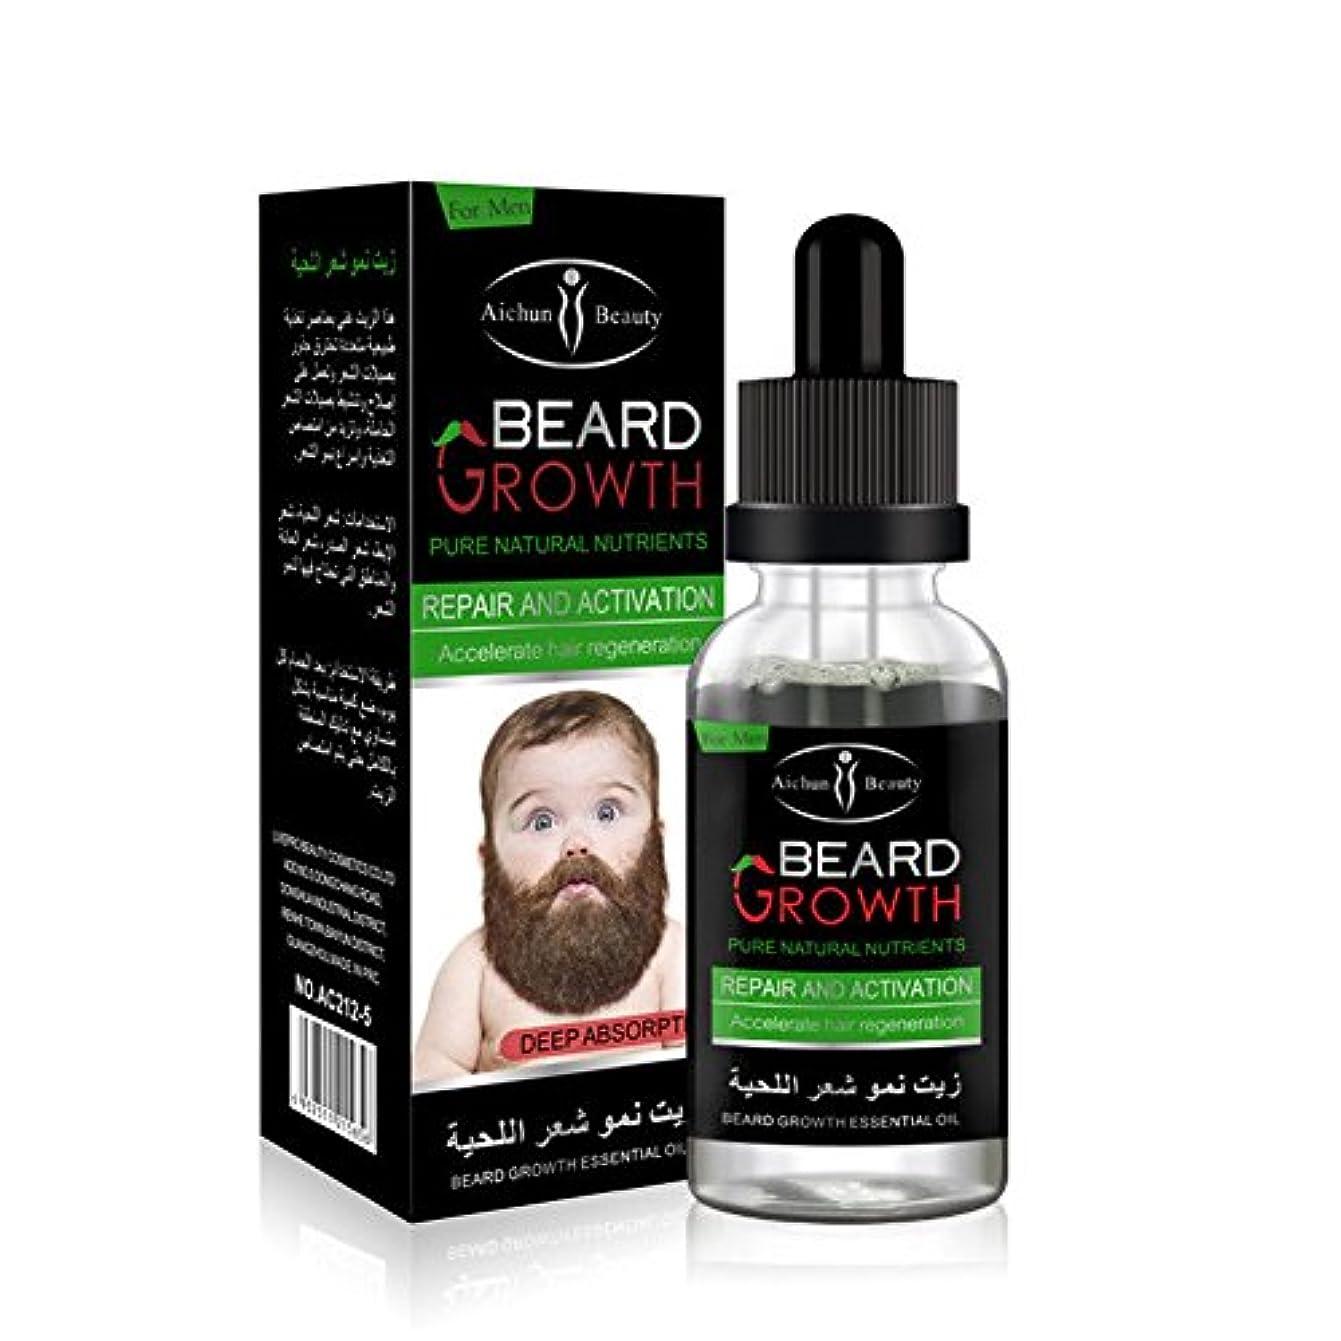 感じるハロウィン生活男性の髭ケア グルーミング コスメトロジー ひげ油 ひげワックス ひげ 収納袋付き (#1)